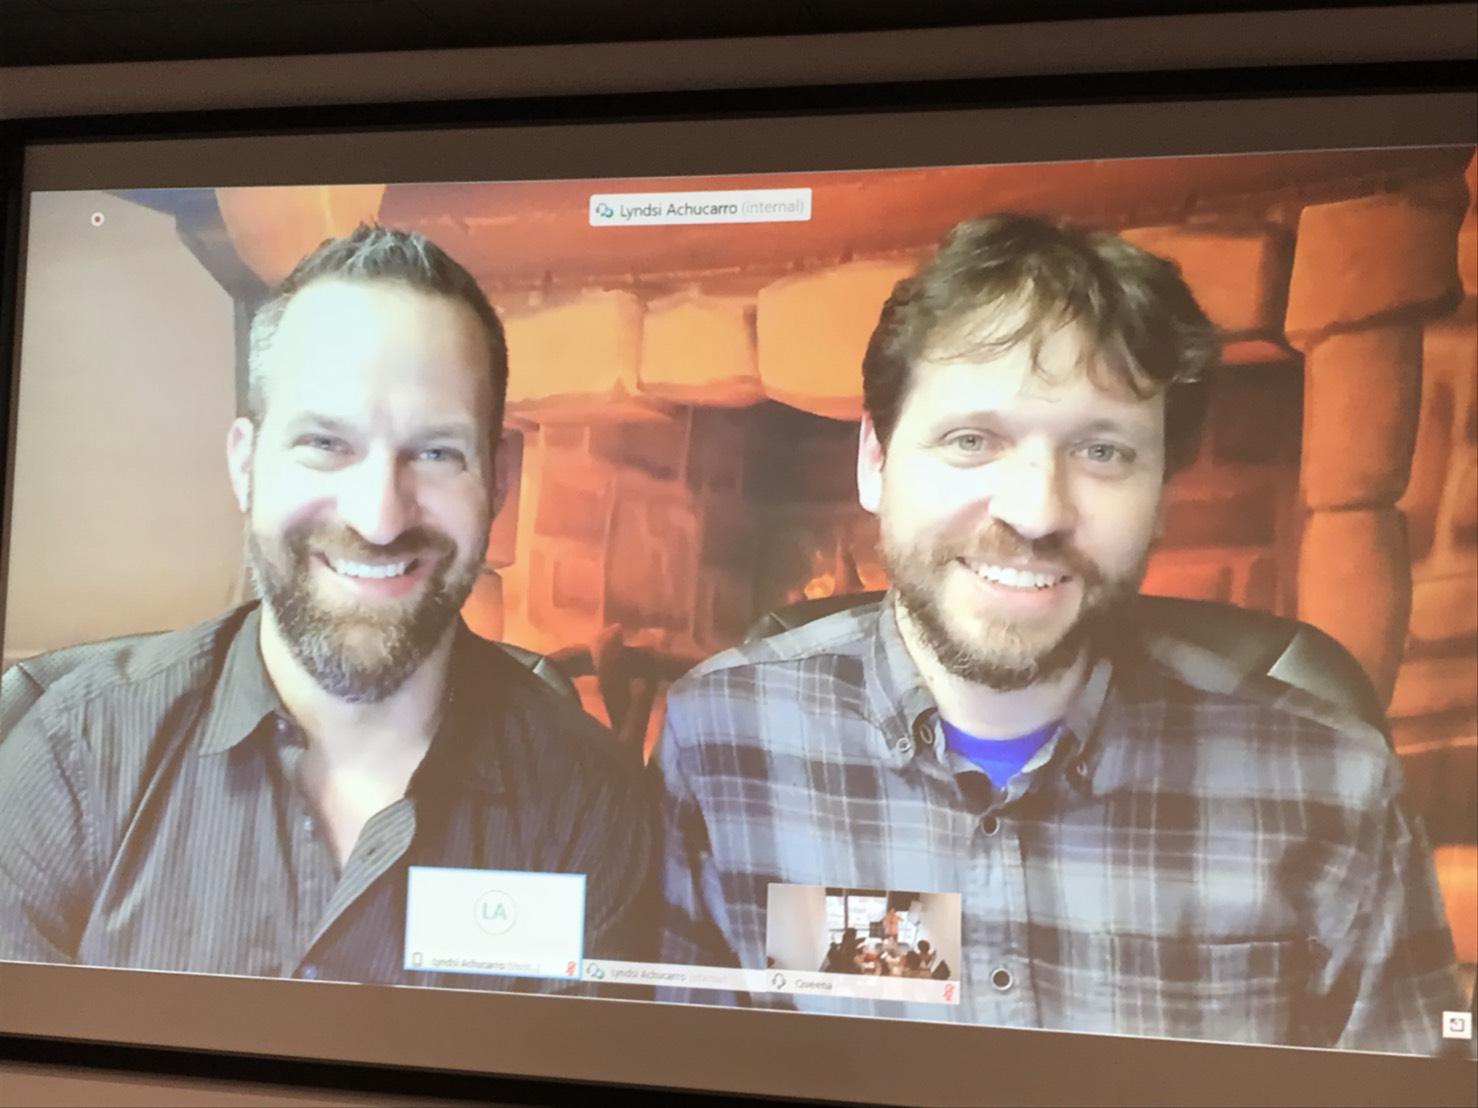 《爐石戰記》創意總監Ben Thompson(左)及遊戲首席設計師Mike Donais(右)接受媒體連線聯訪,談論新資料片的設計秘辛。